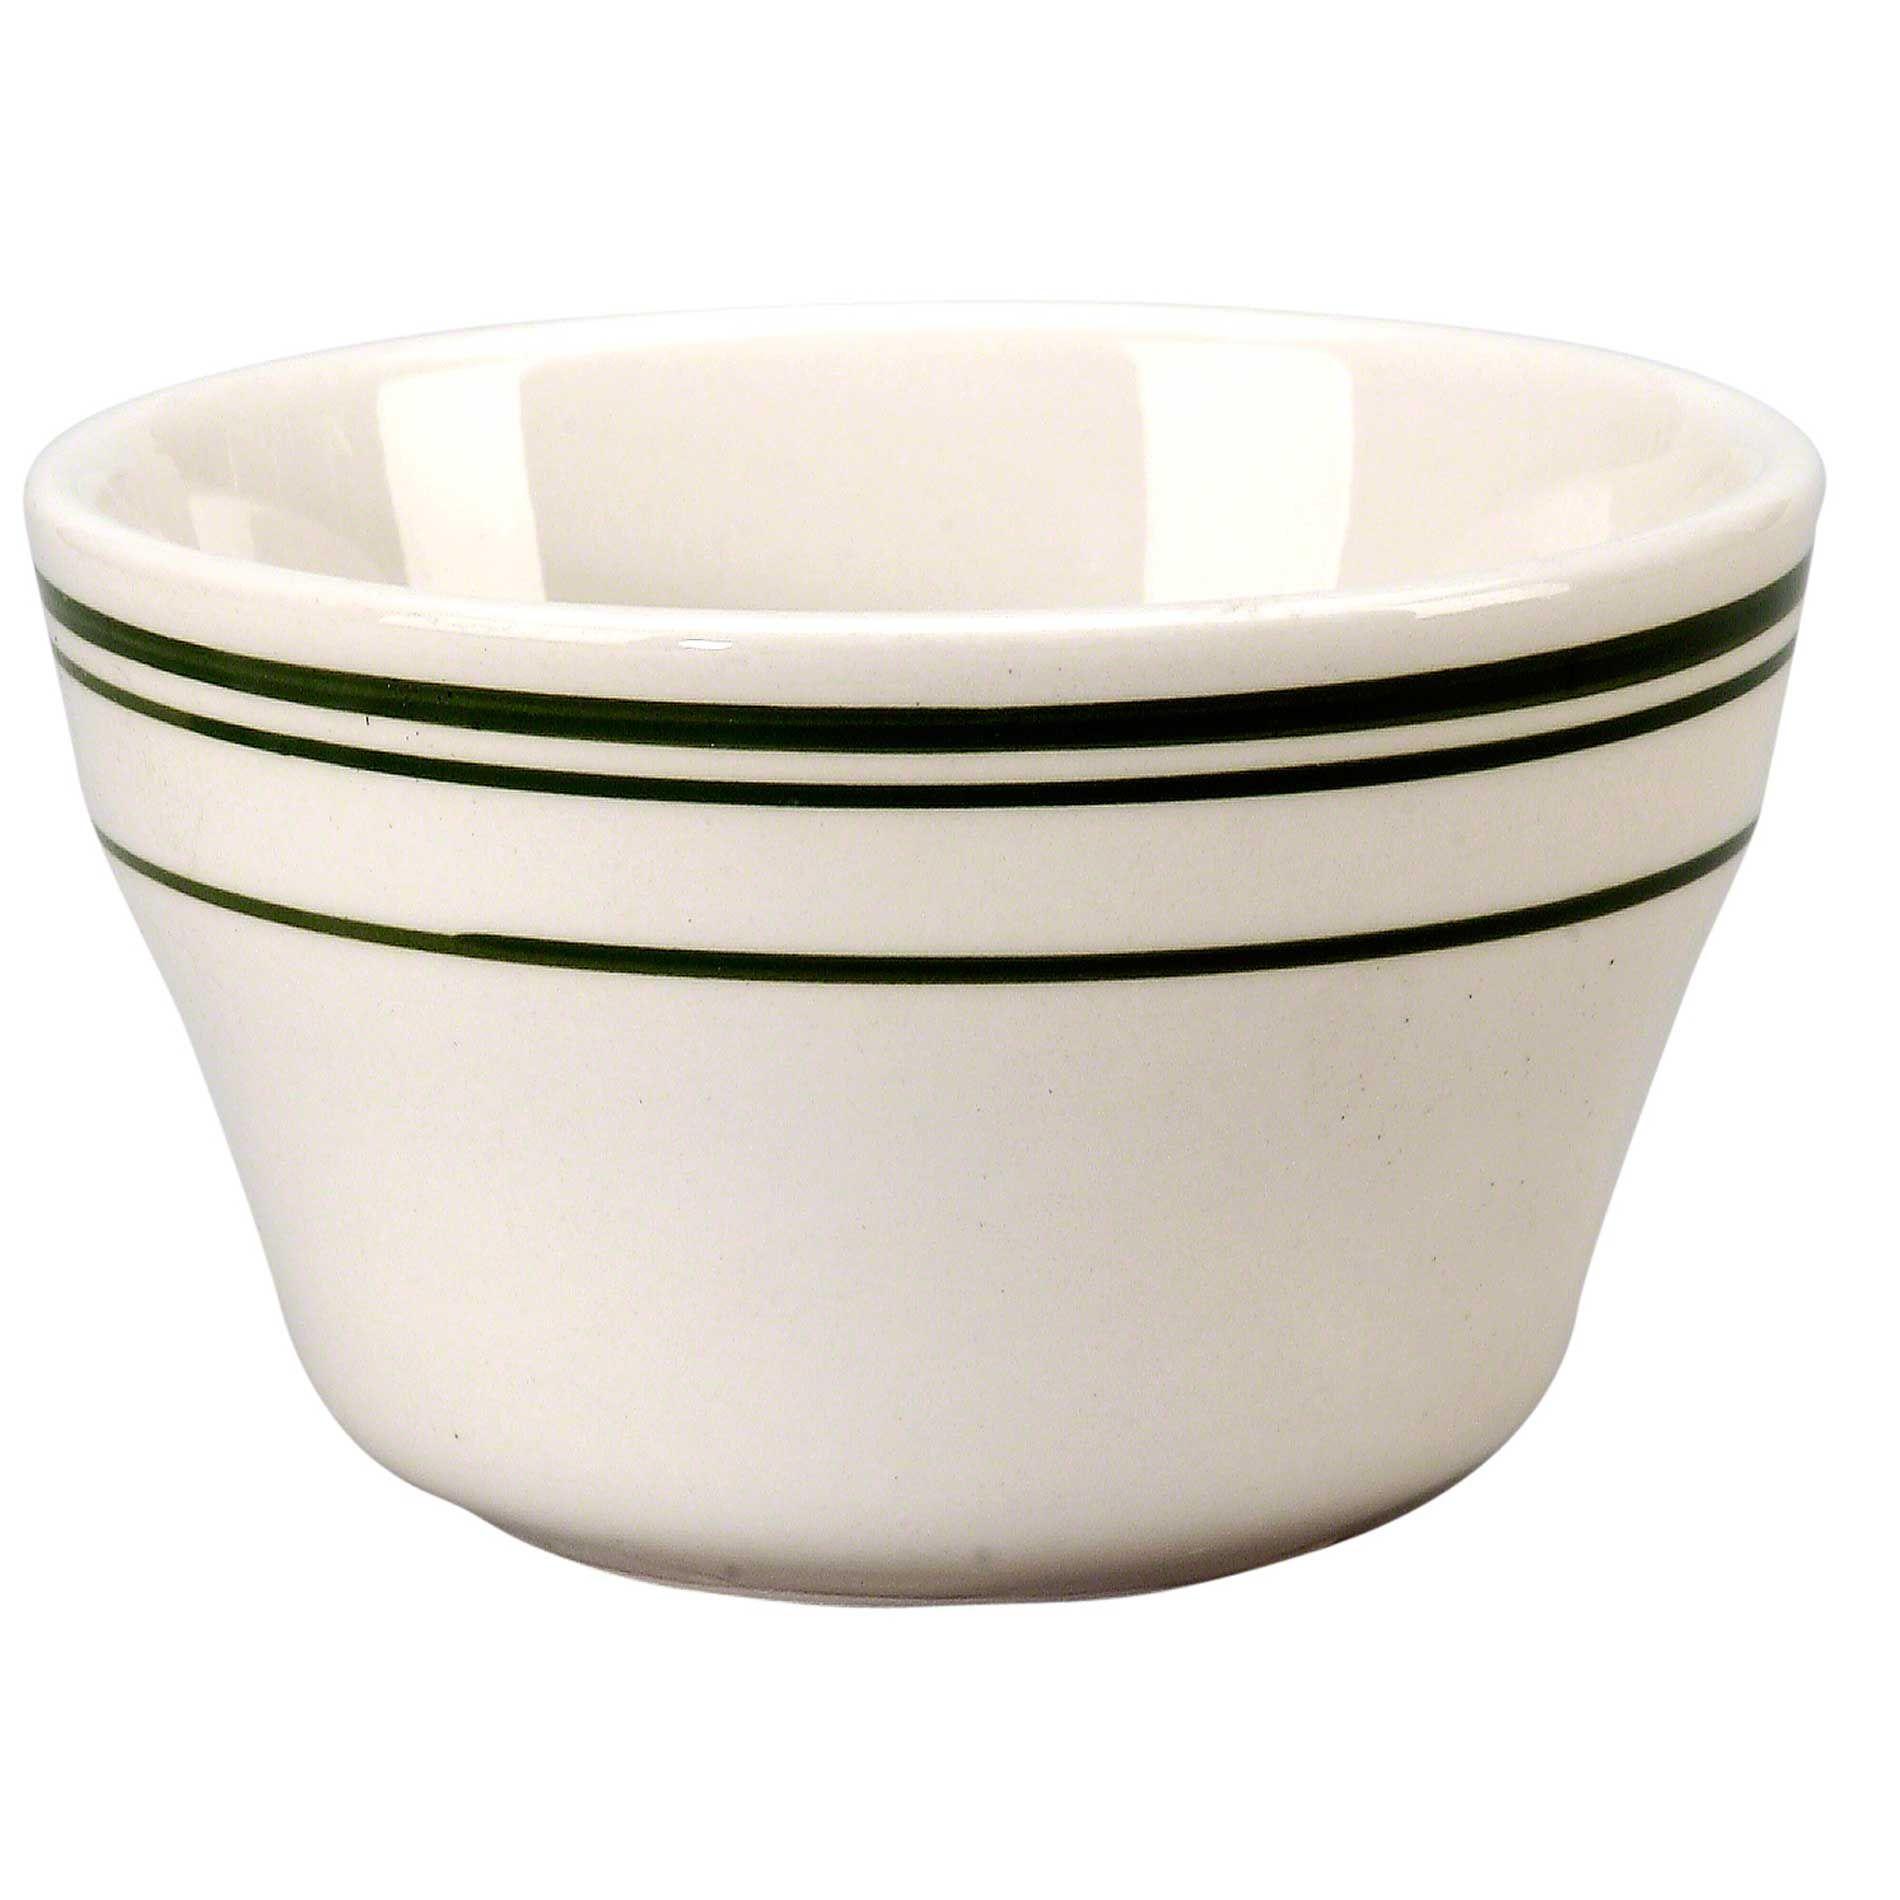 Vertex China Dmg 4 7 1 4 Oz Bouillon Cup Del Mar Green Collection Green Collection Market Design Vertex